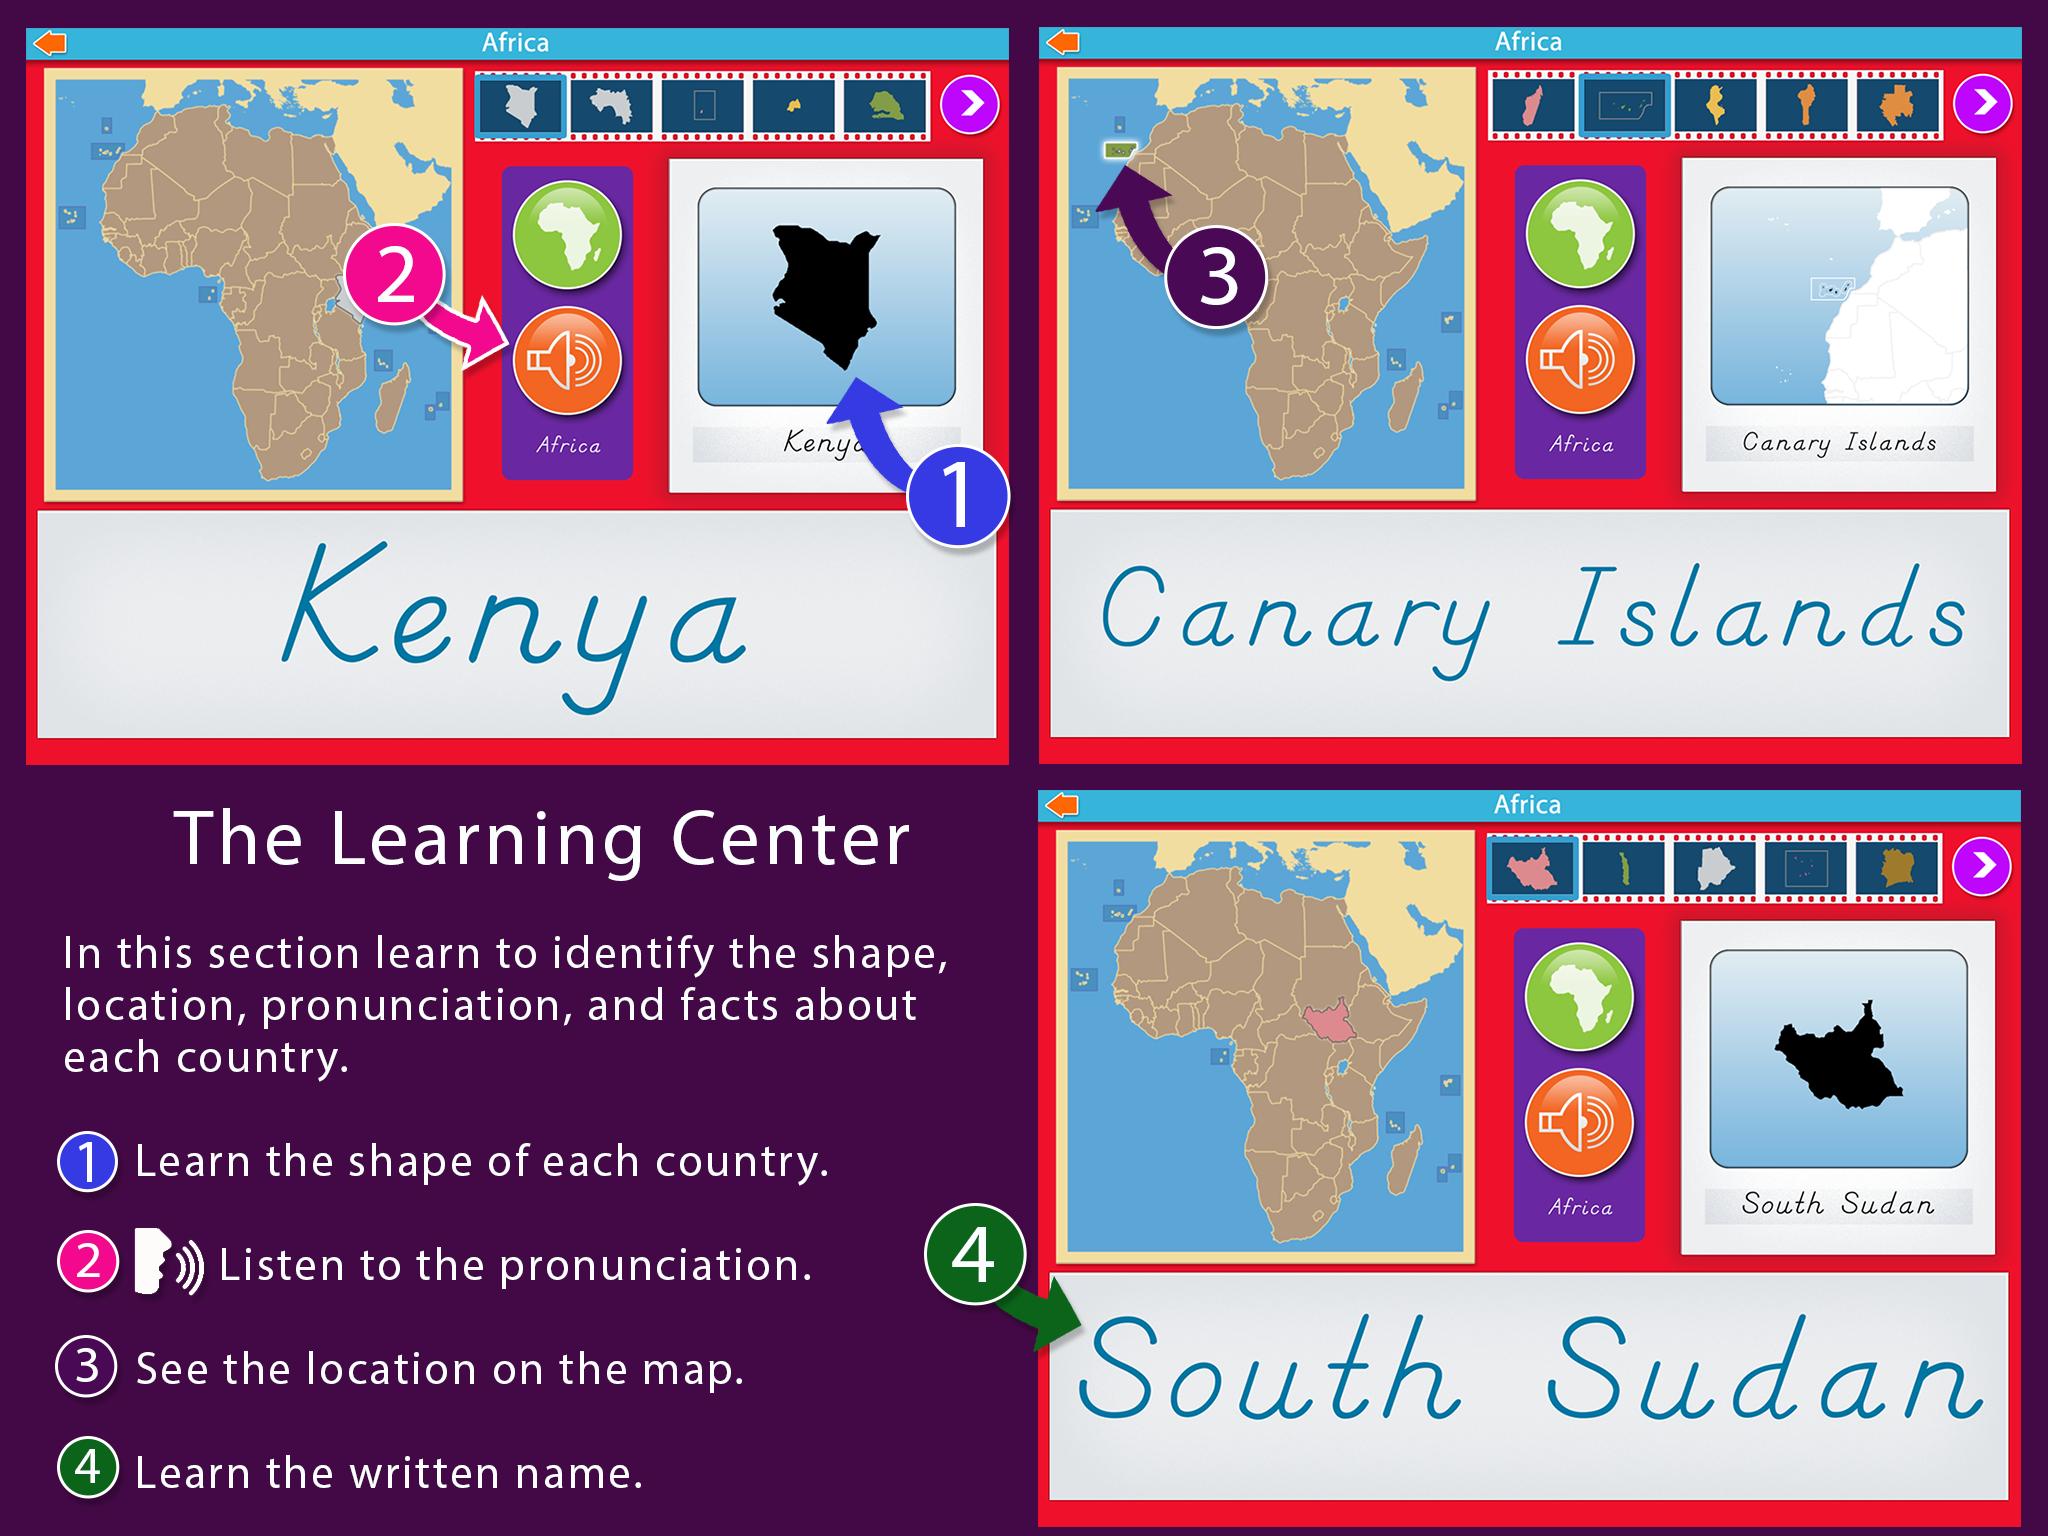 Africa-iPadReg-SC2-Africa-.png